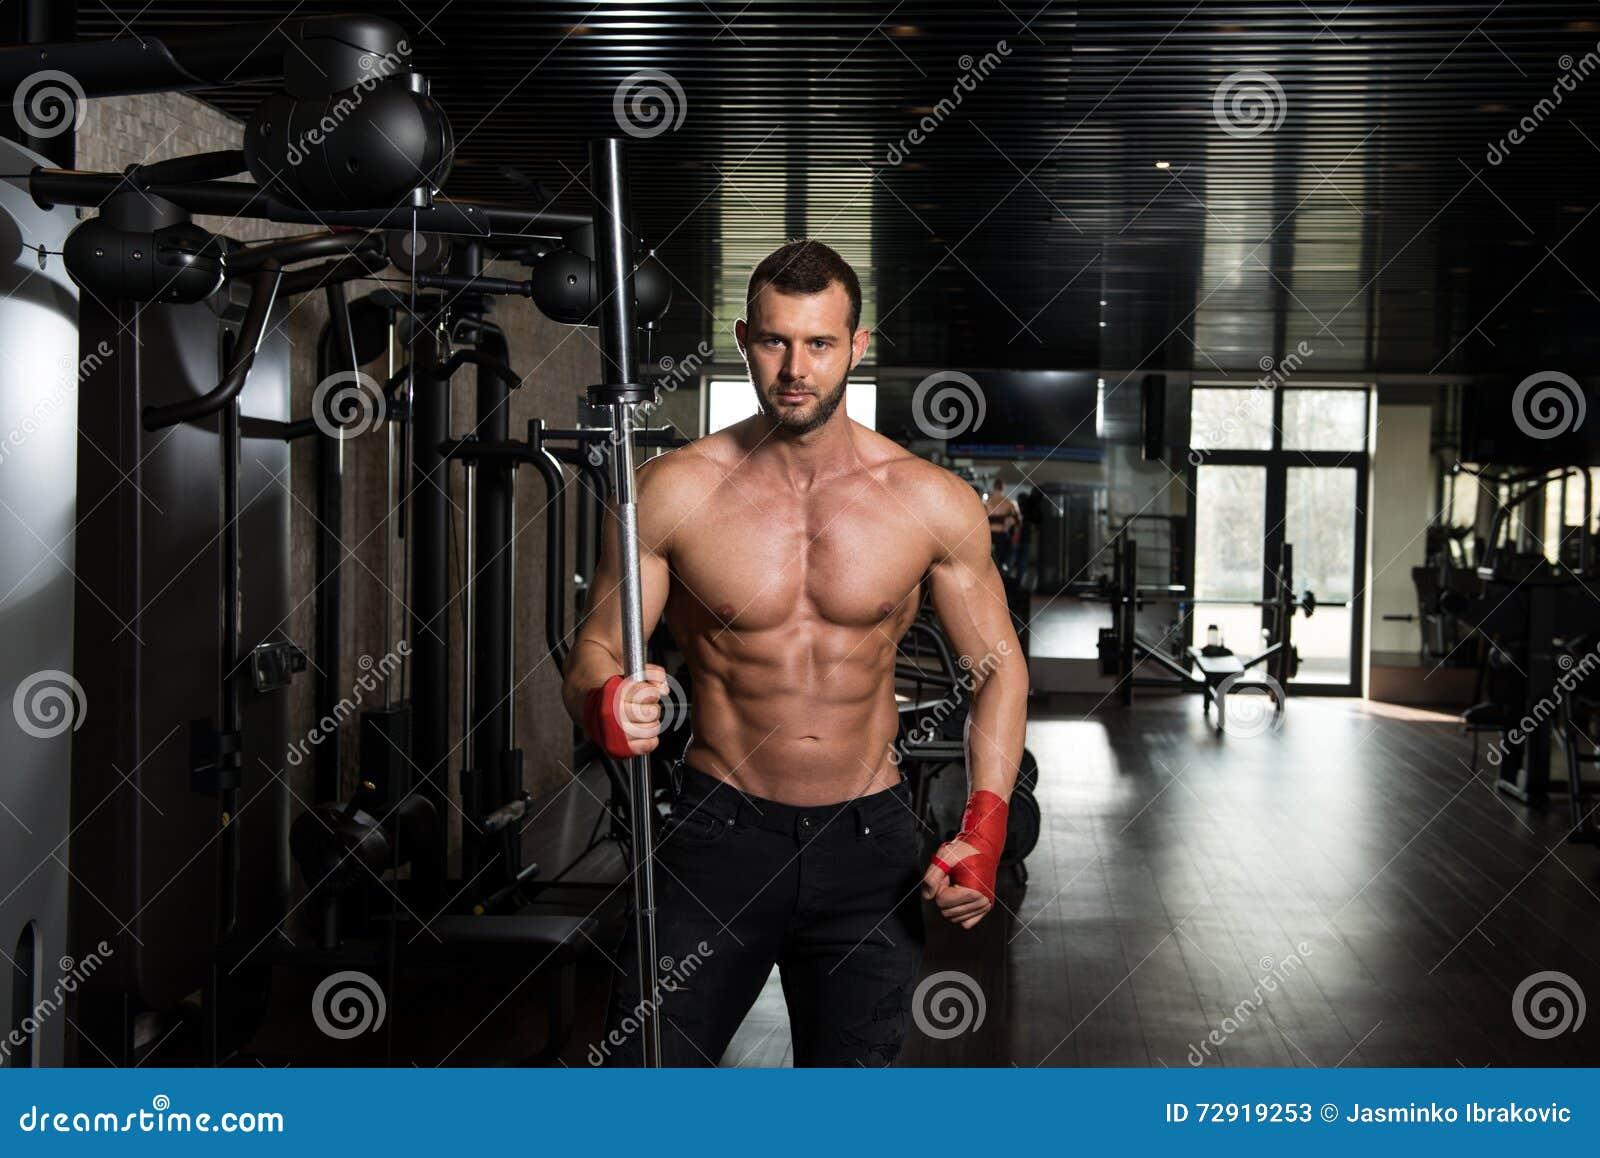 gitness center man